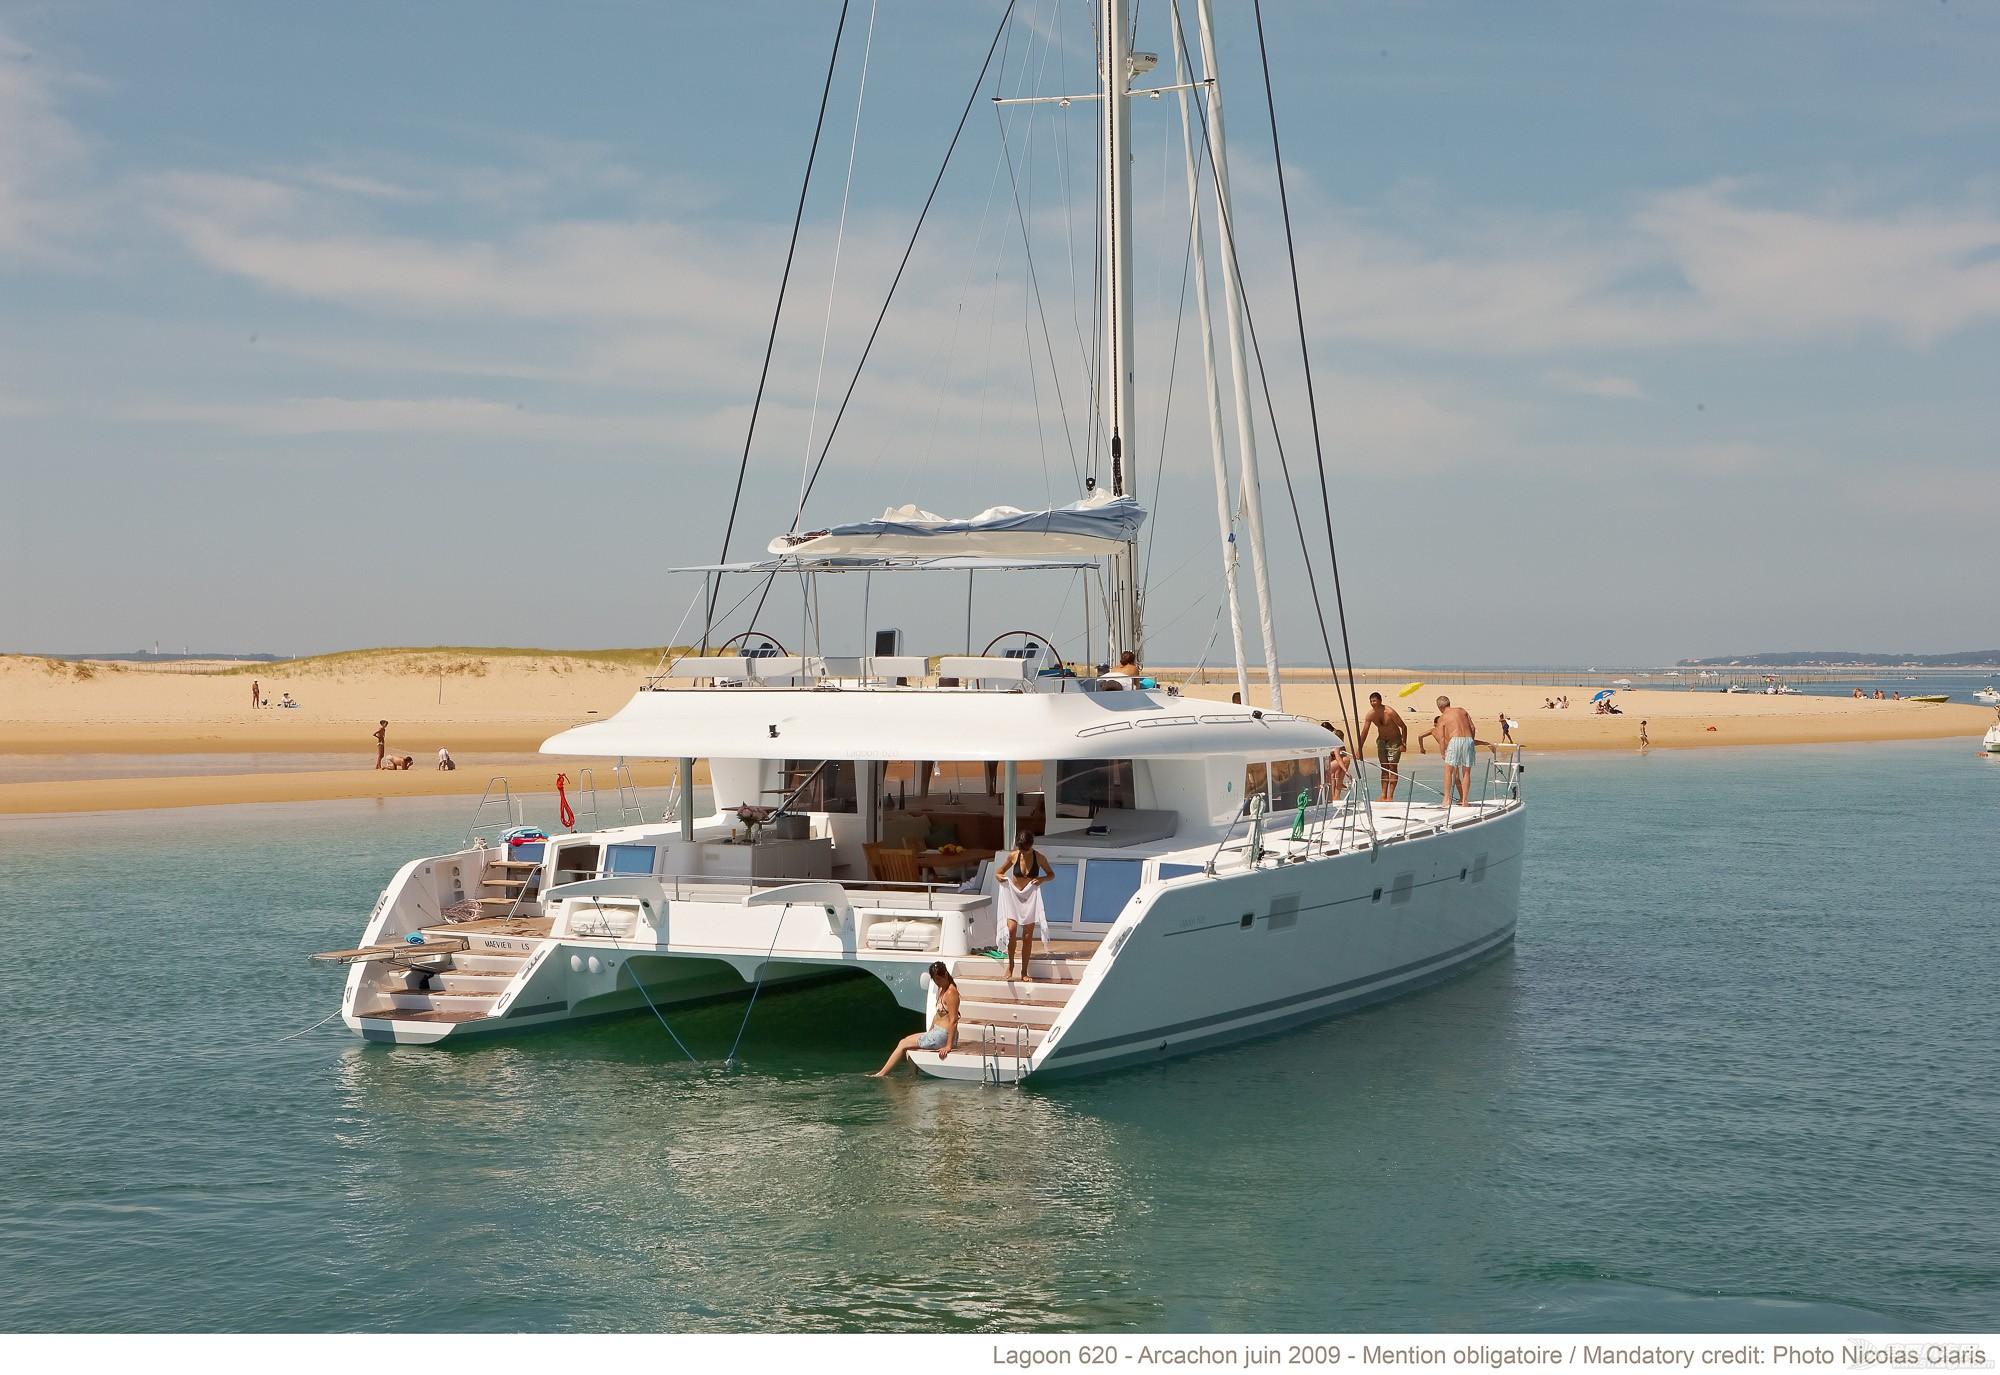 帆船 lagoon 620 蓝高620双体帆船 蓝高620双体帆船